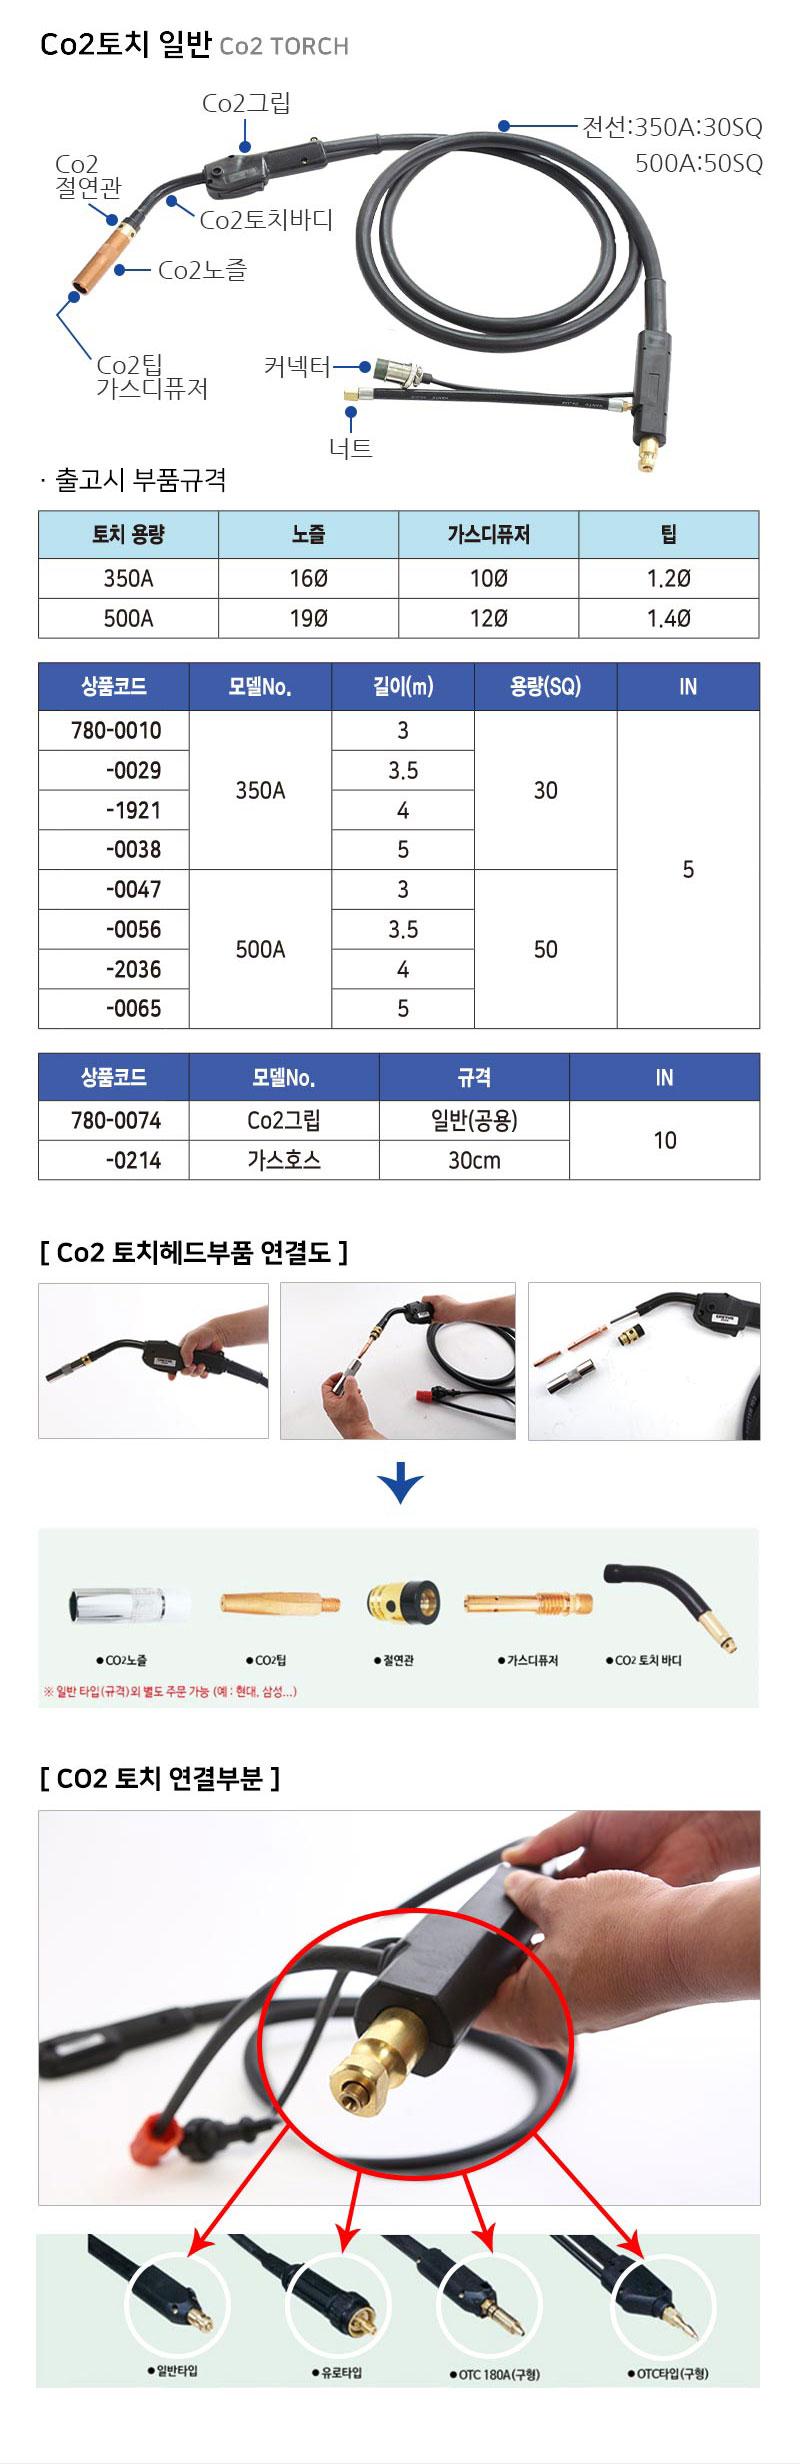 CO2토치-일반_02.jpg